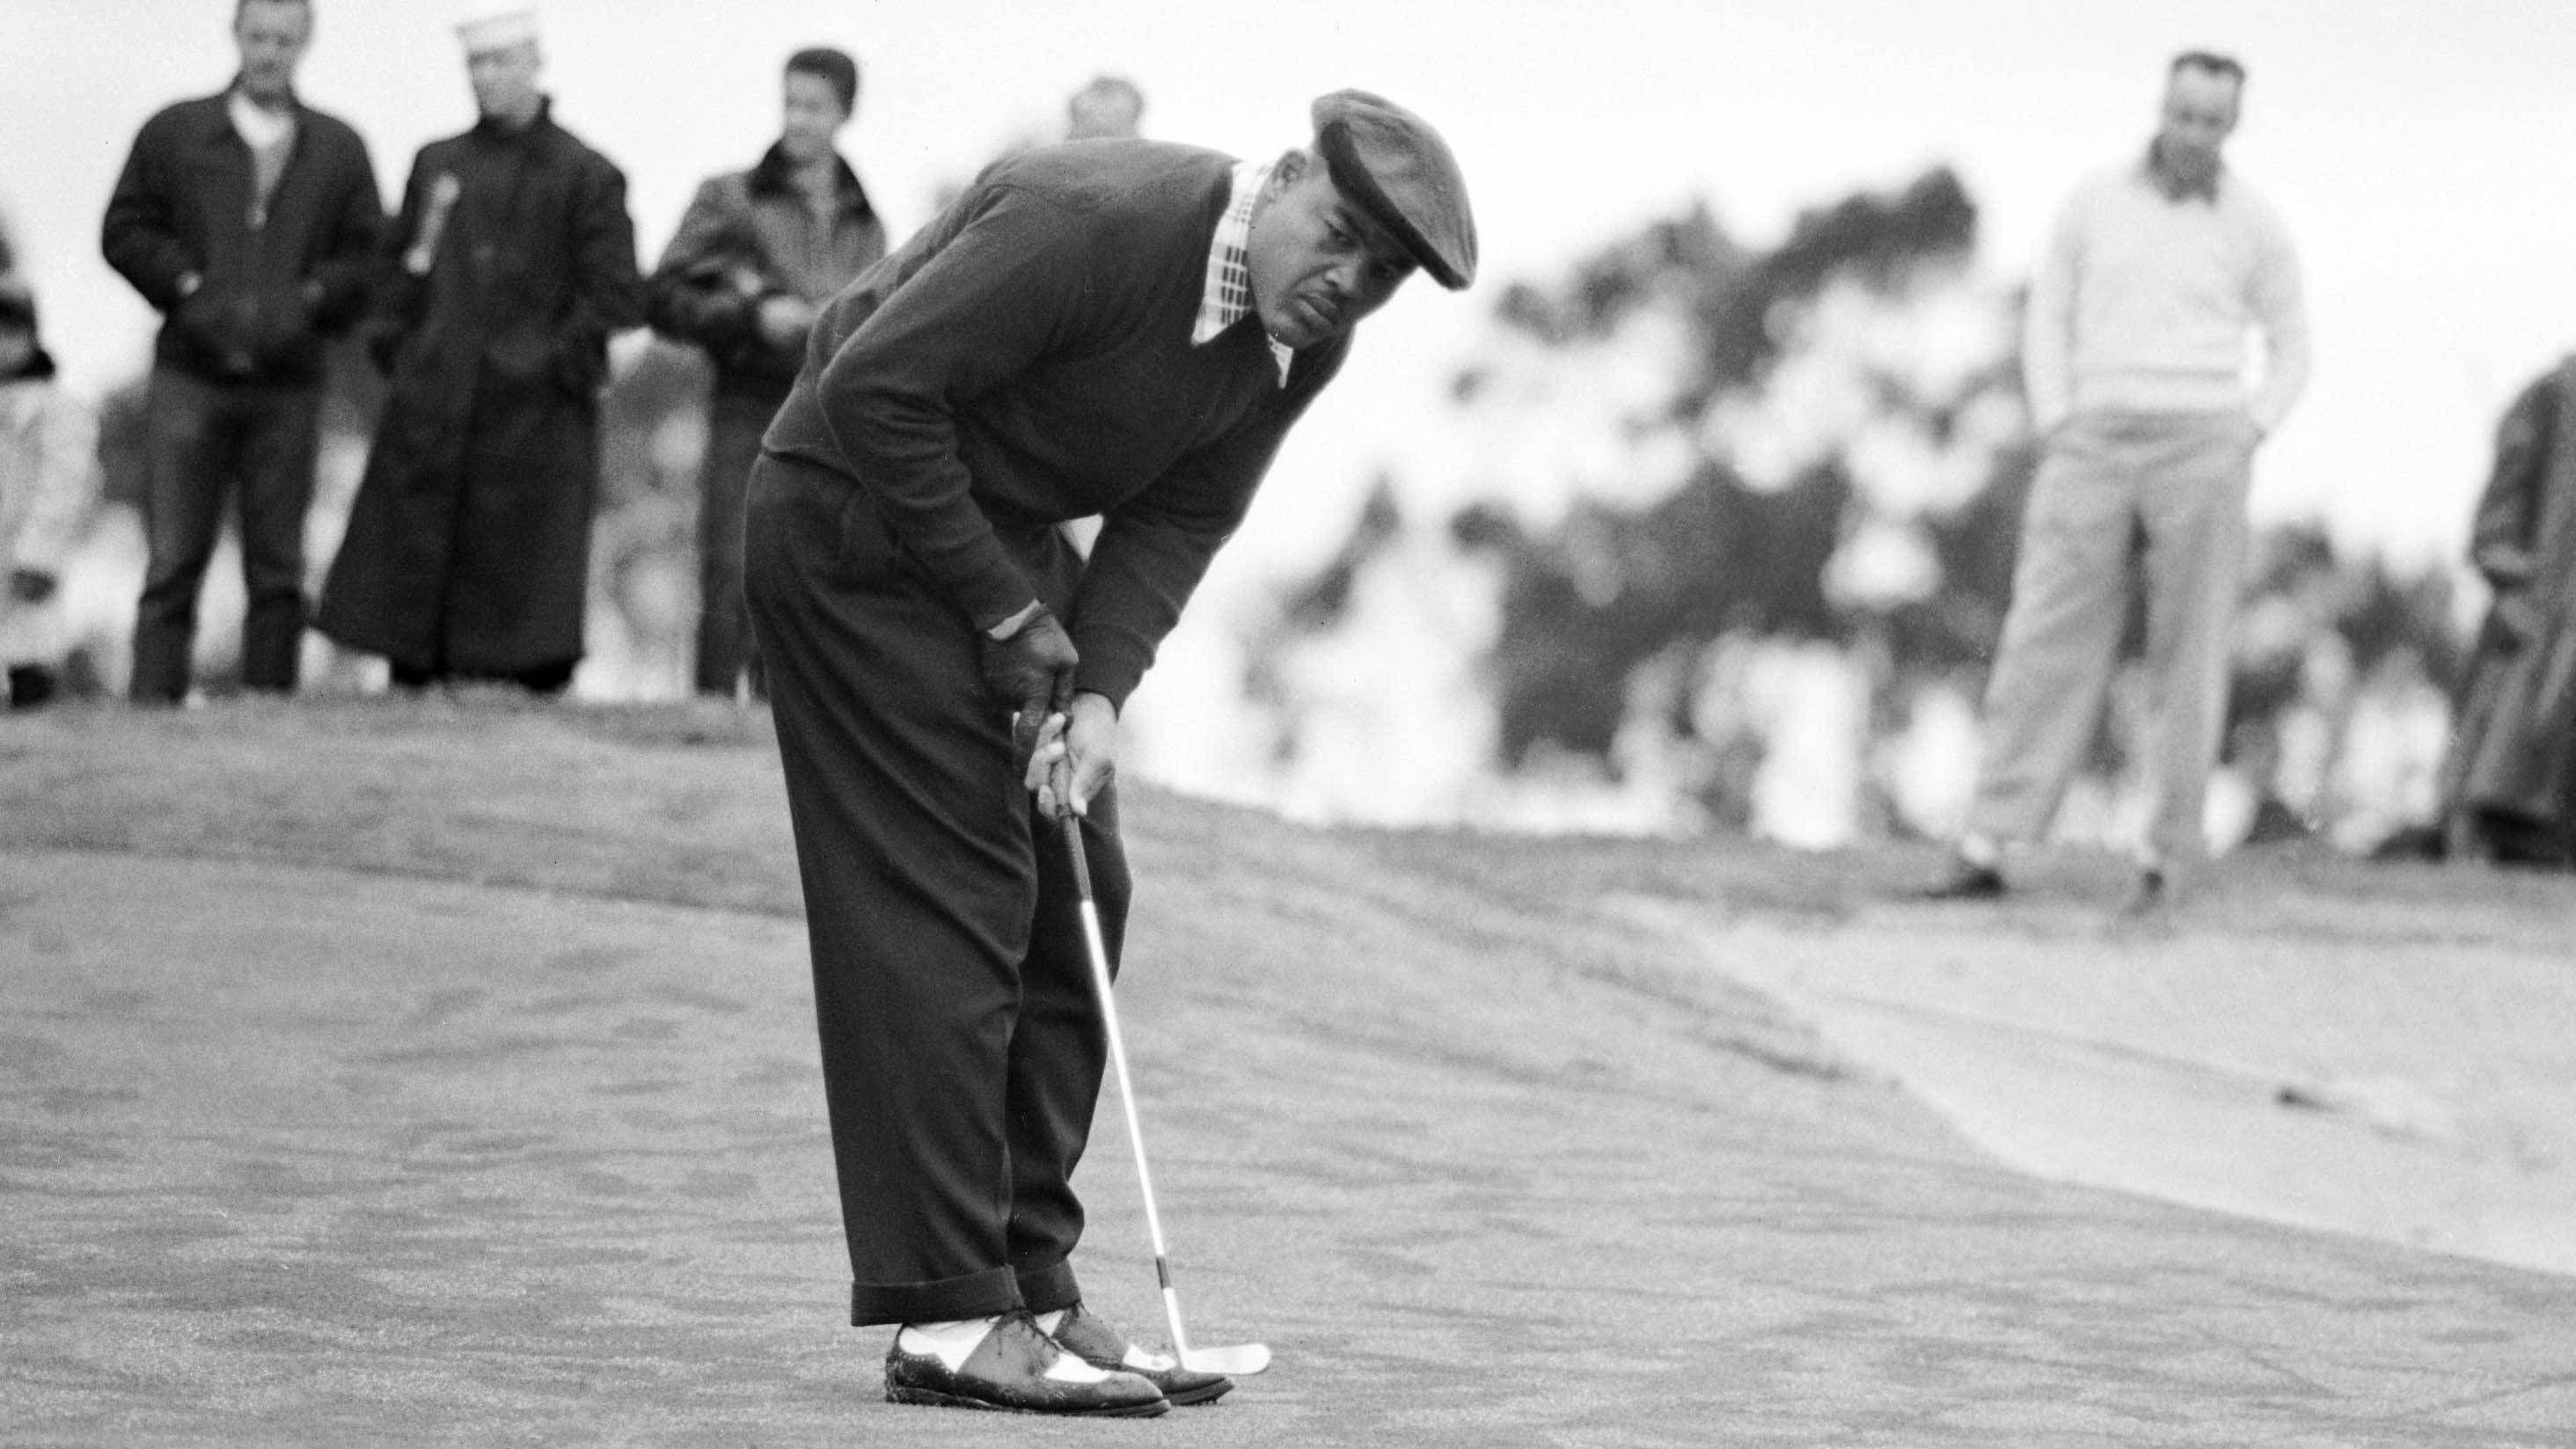 36+ Black golf movie info